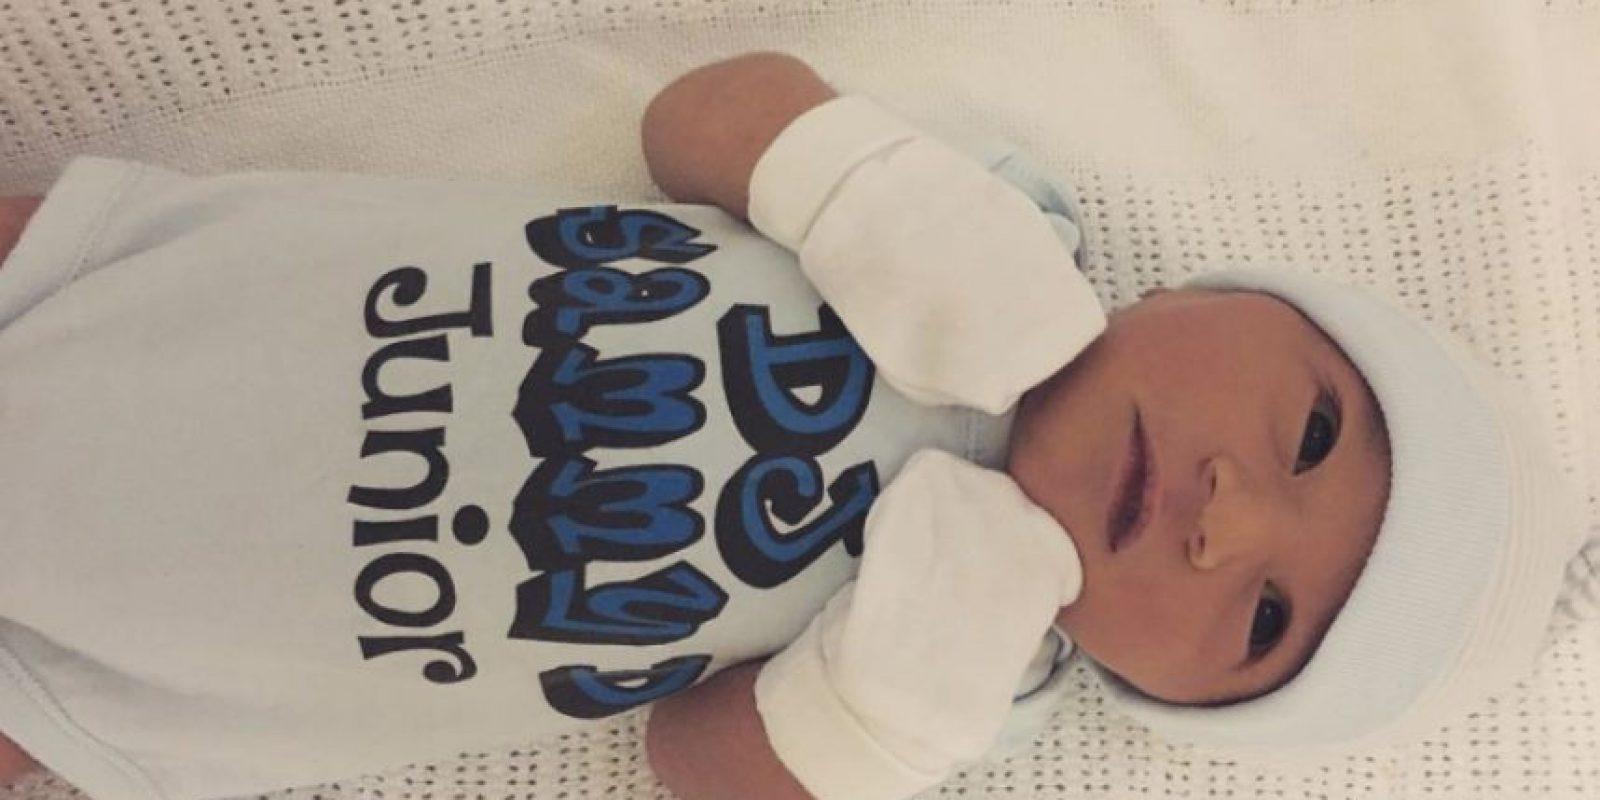 Le nació un niño sano. Foto:vía Instagram